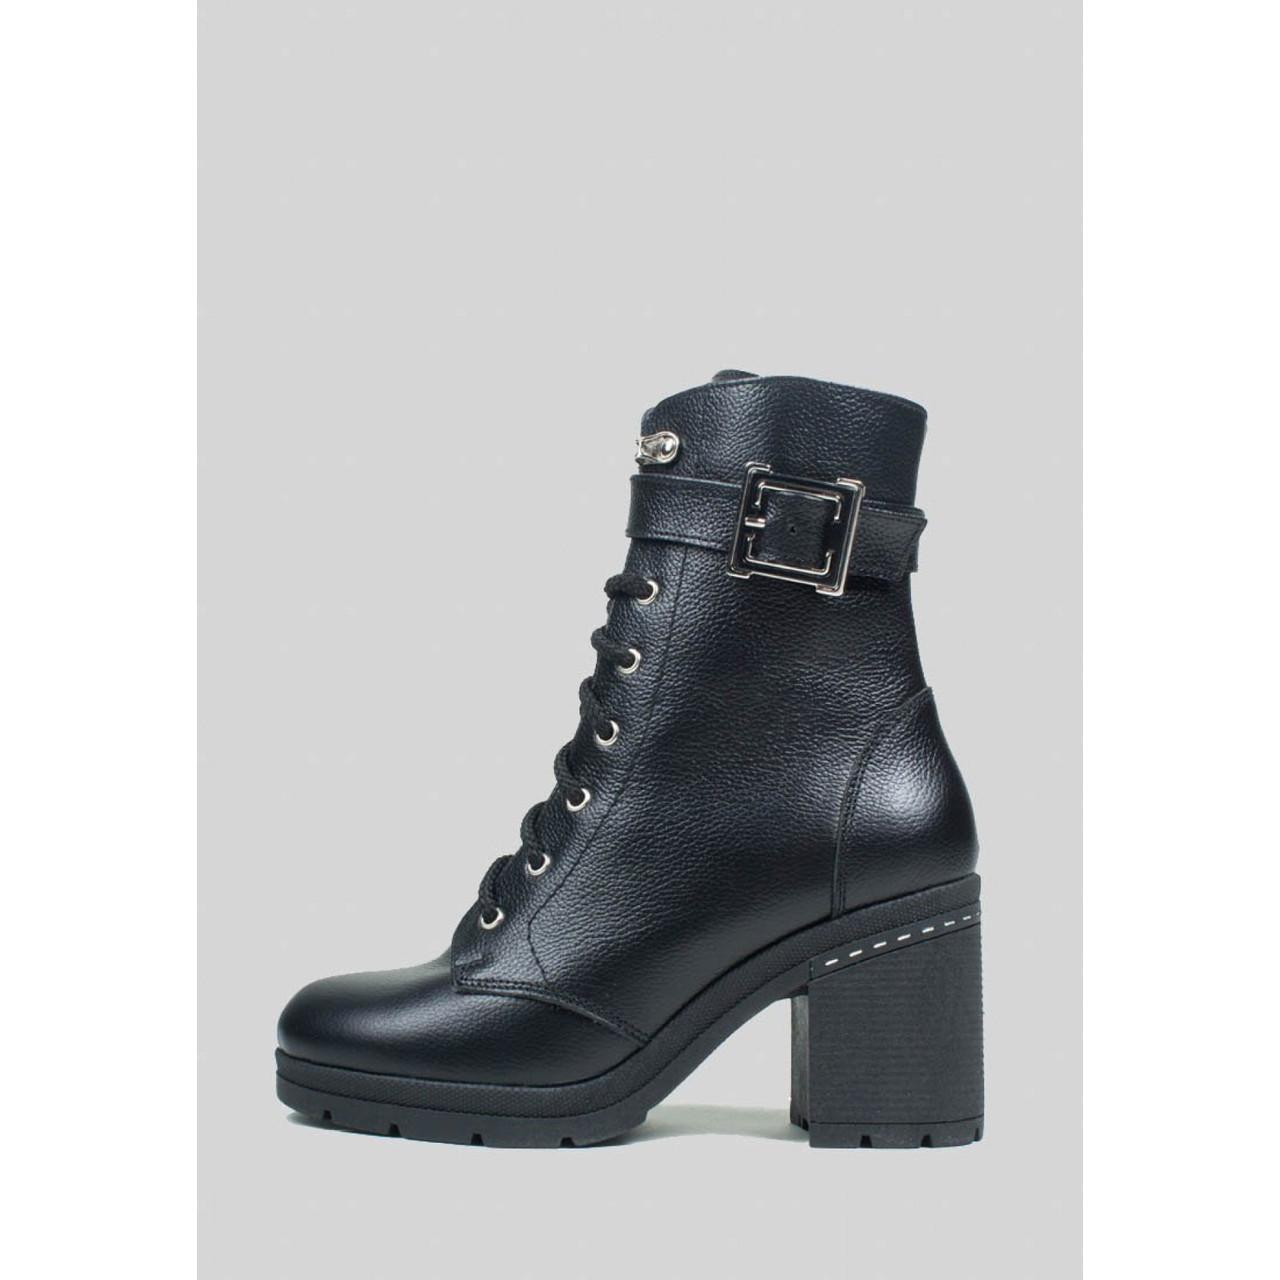 Зимние кожаные ботинки с пряжкой на широком каблуке